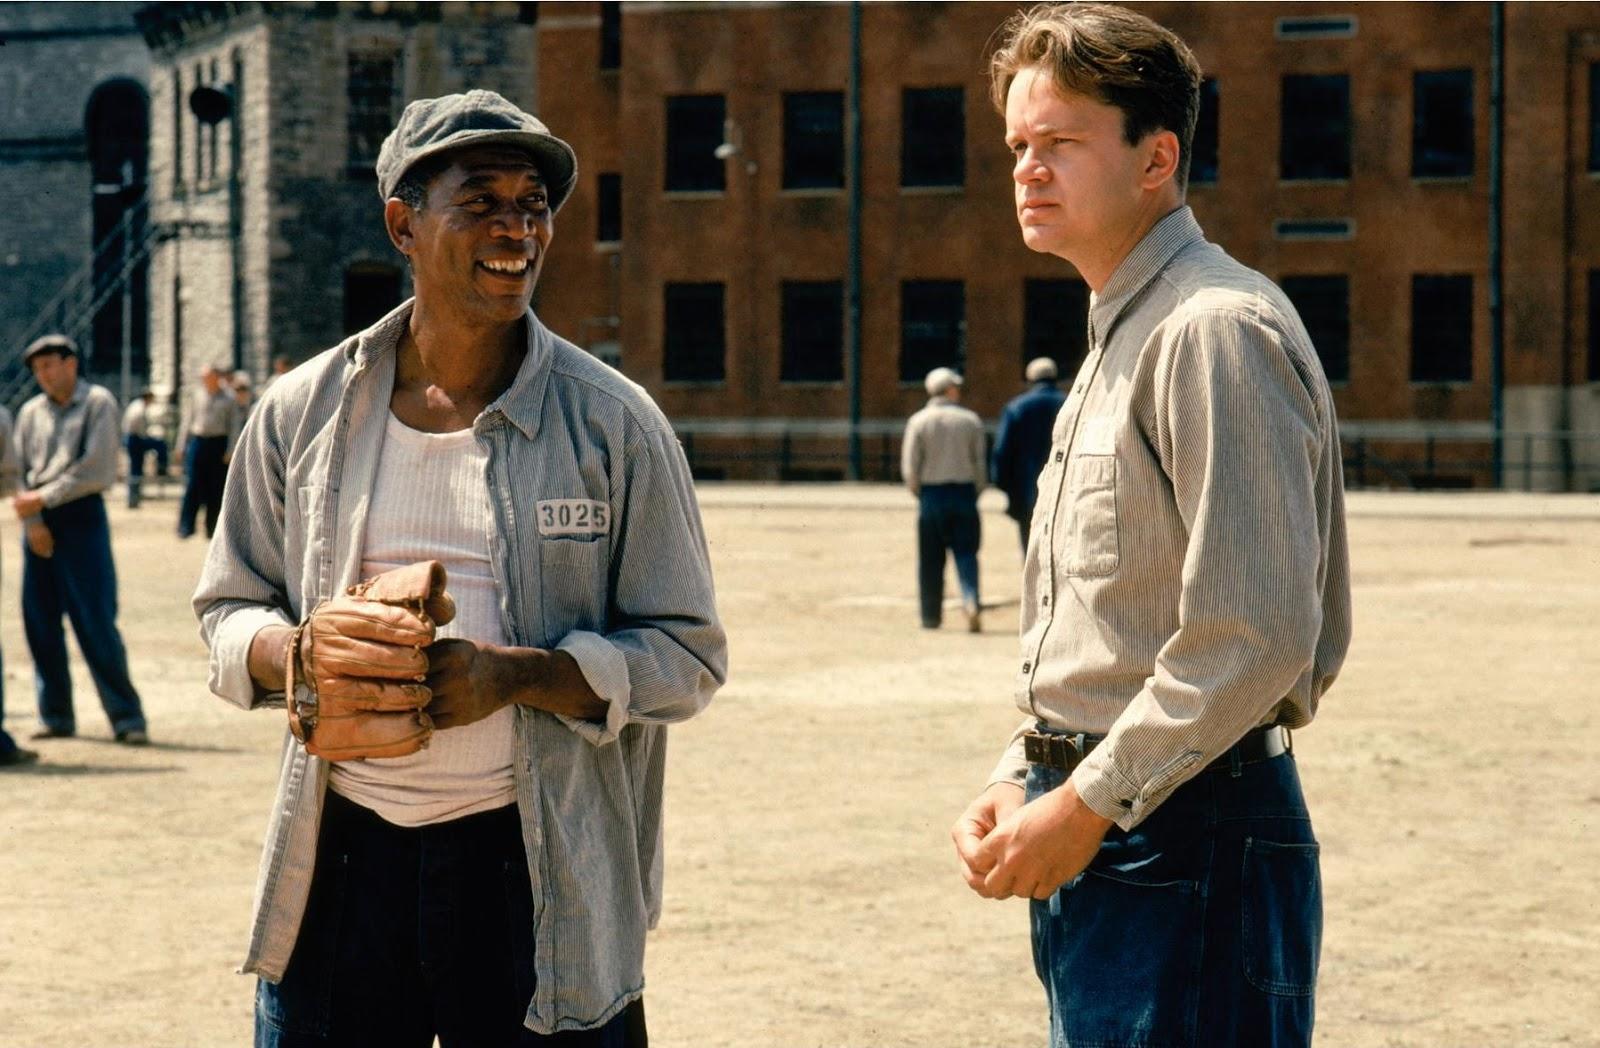 Scene from movie, The Shawshank Redemption